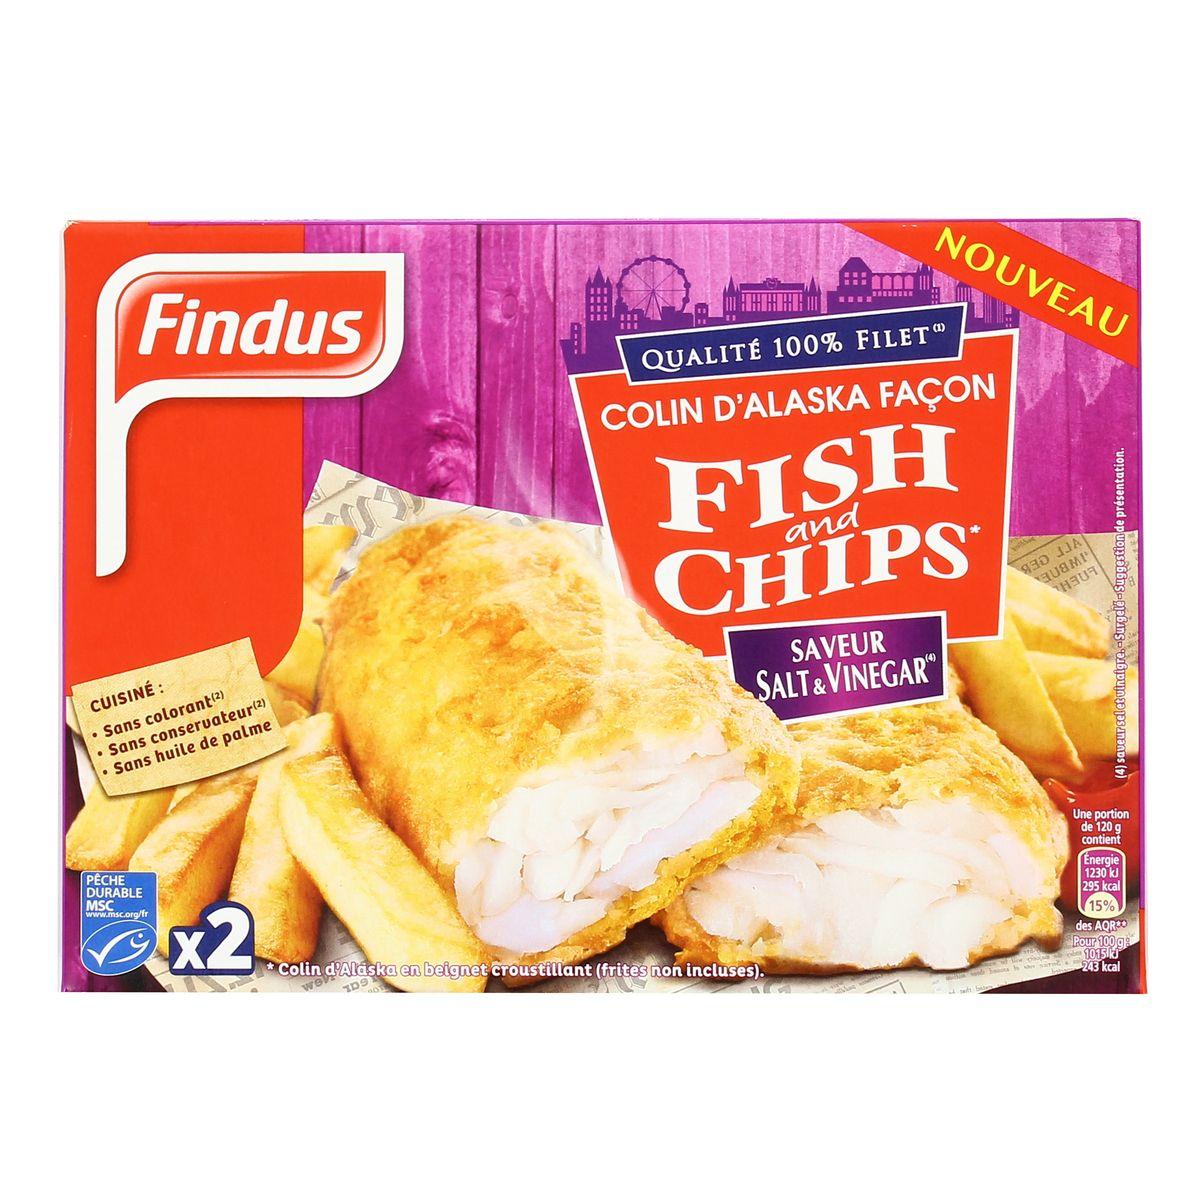 Colin d'Alaska façon Fish & Chips saveur salt vinegar, Findus (2 x 120 g)